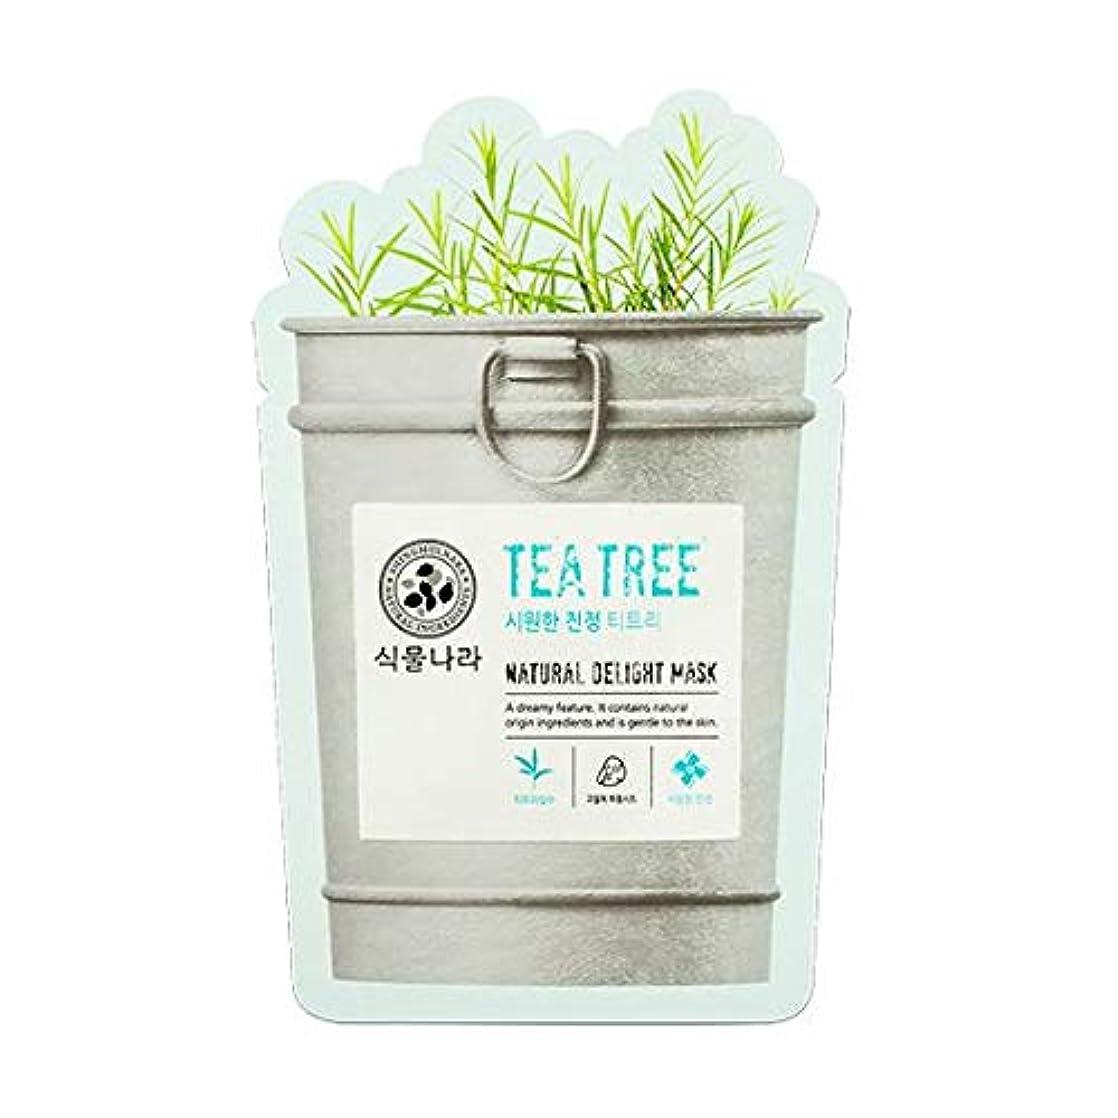 追放する眠っているきつくSHINGMULNARA 植物ナラ ナチュラル デライト マスクパック ティートリ/アロエ/炭/蜜 韓国オリーブ霊遊明商品 (ティートリー (Tea Tree) 5pack)